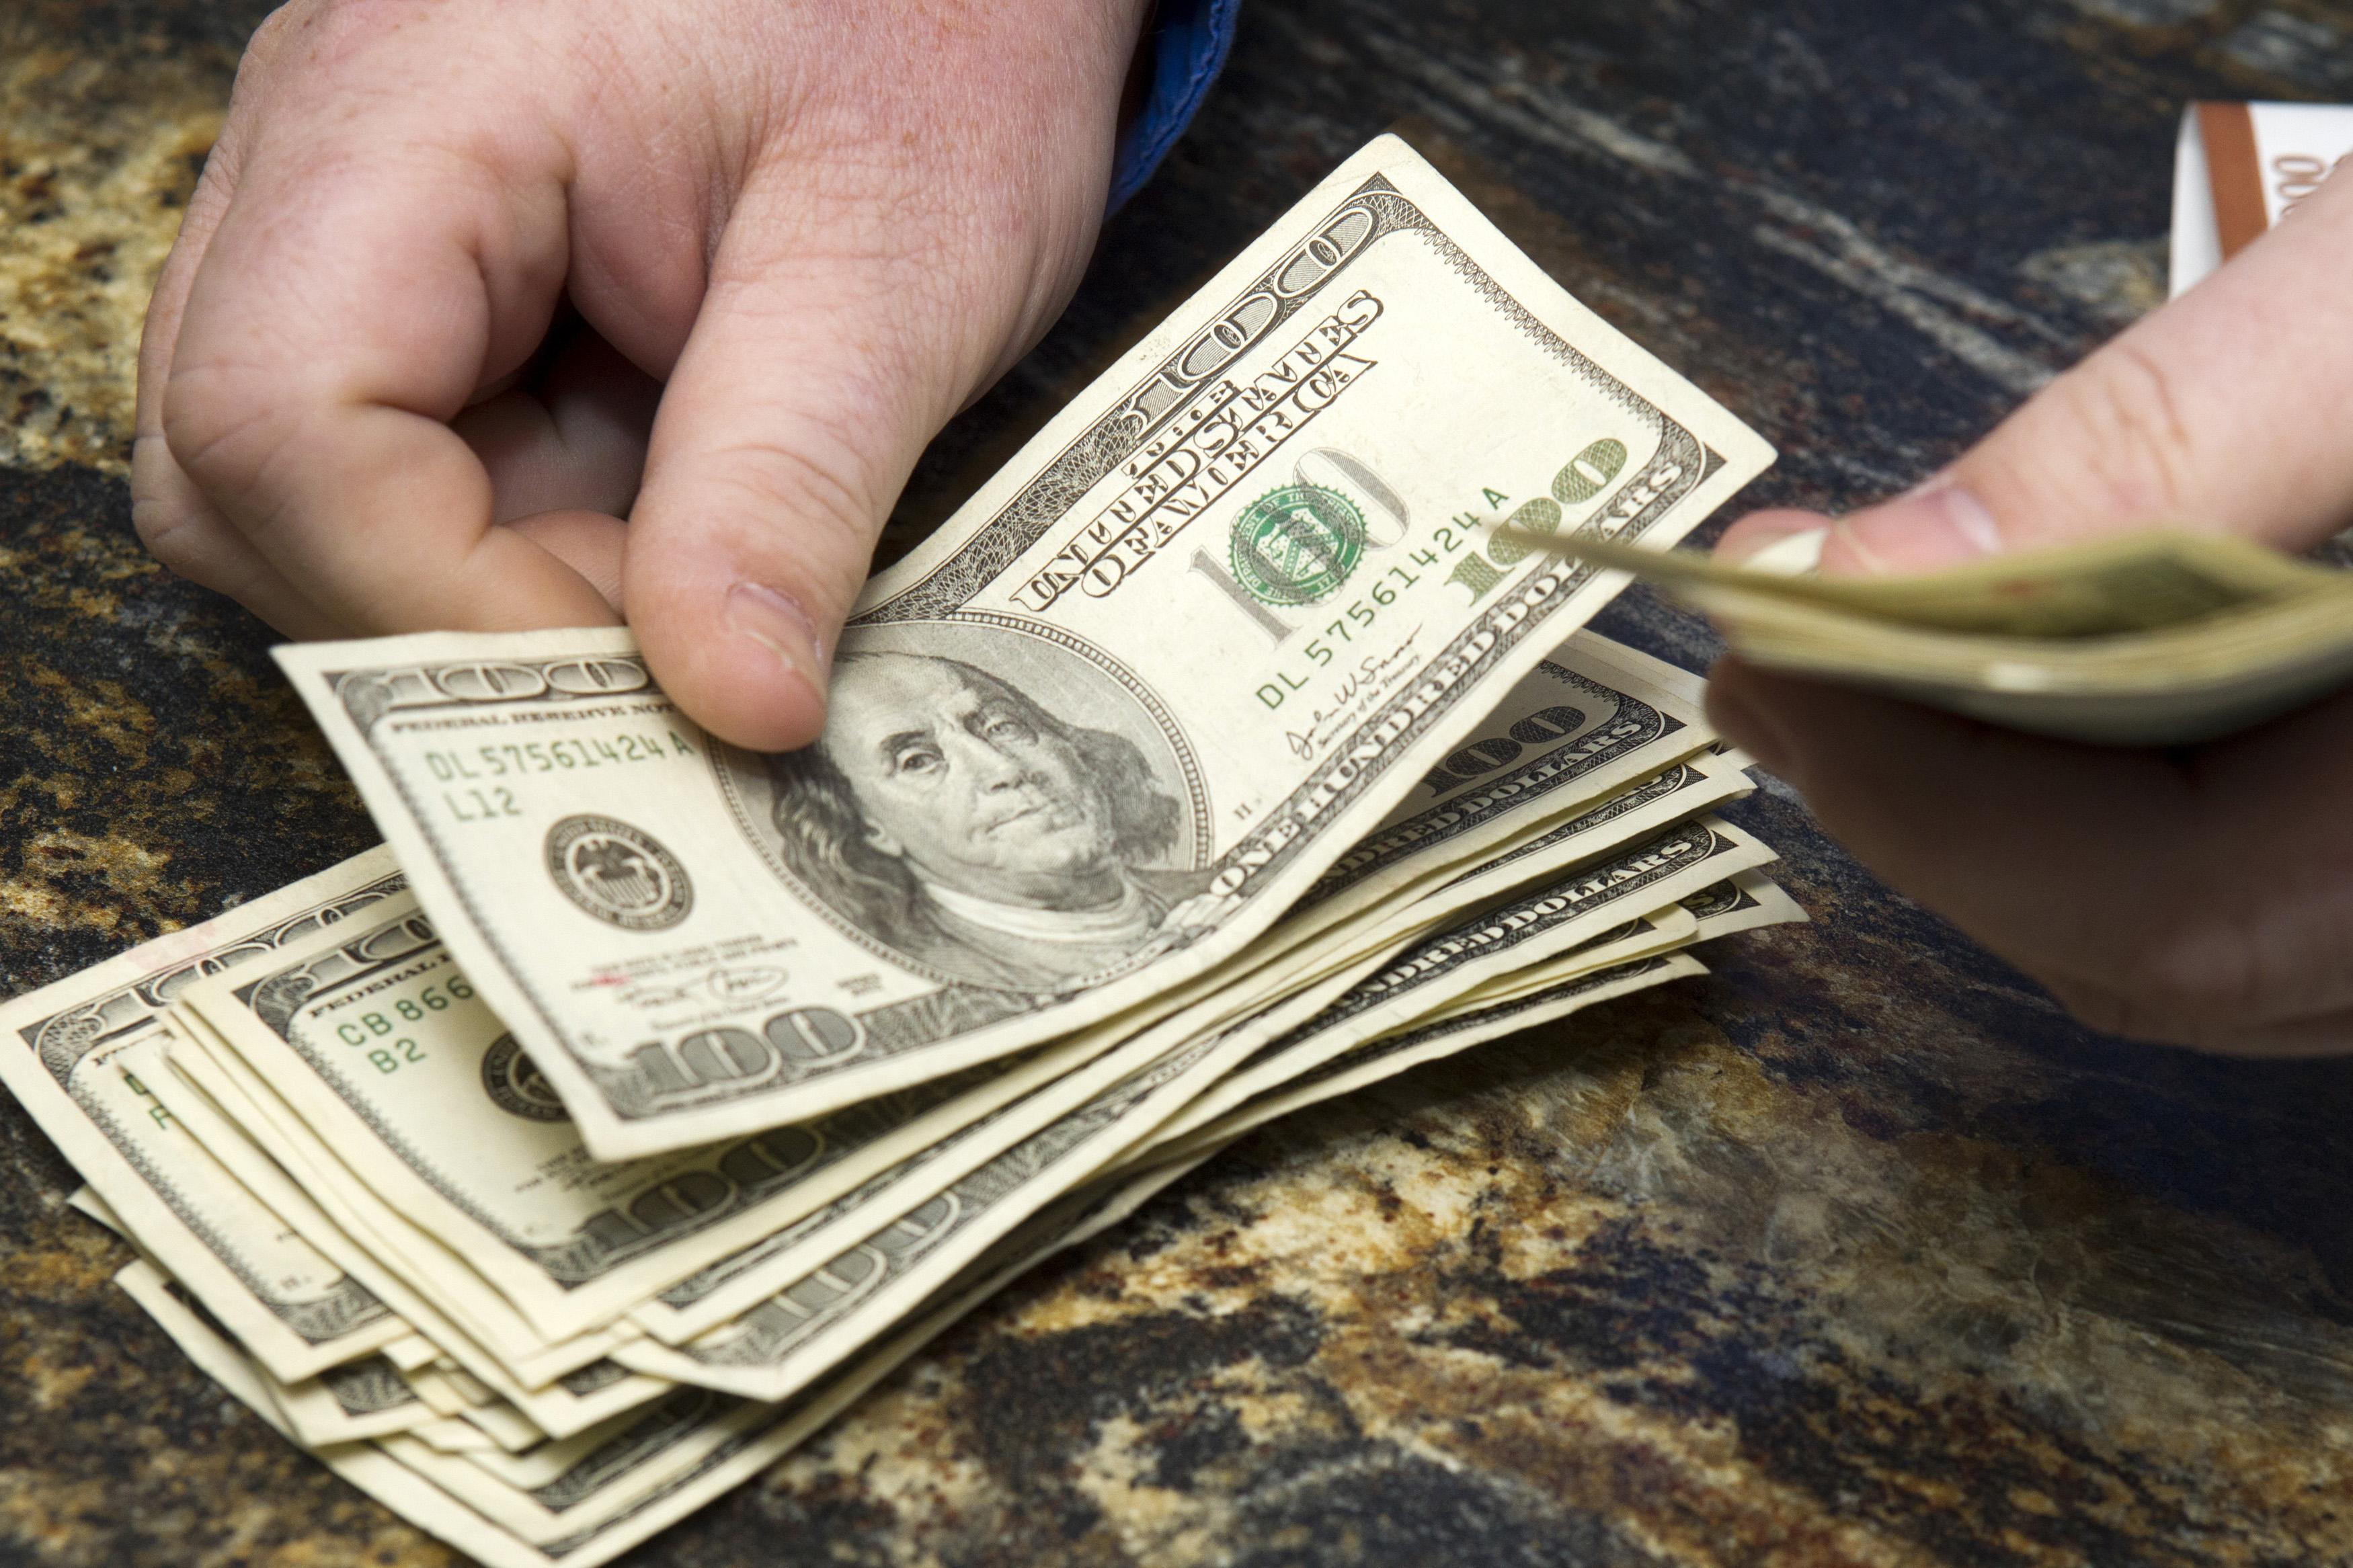 Fast money: como ganhar dinheiro de forma segura e rápida